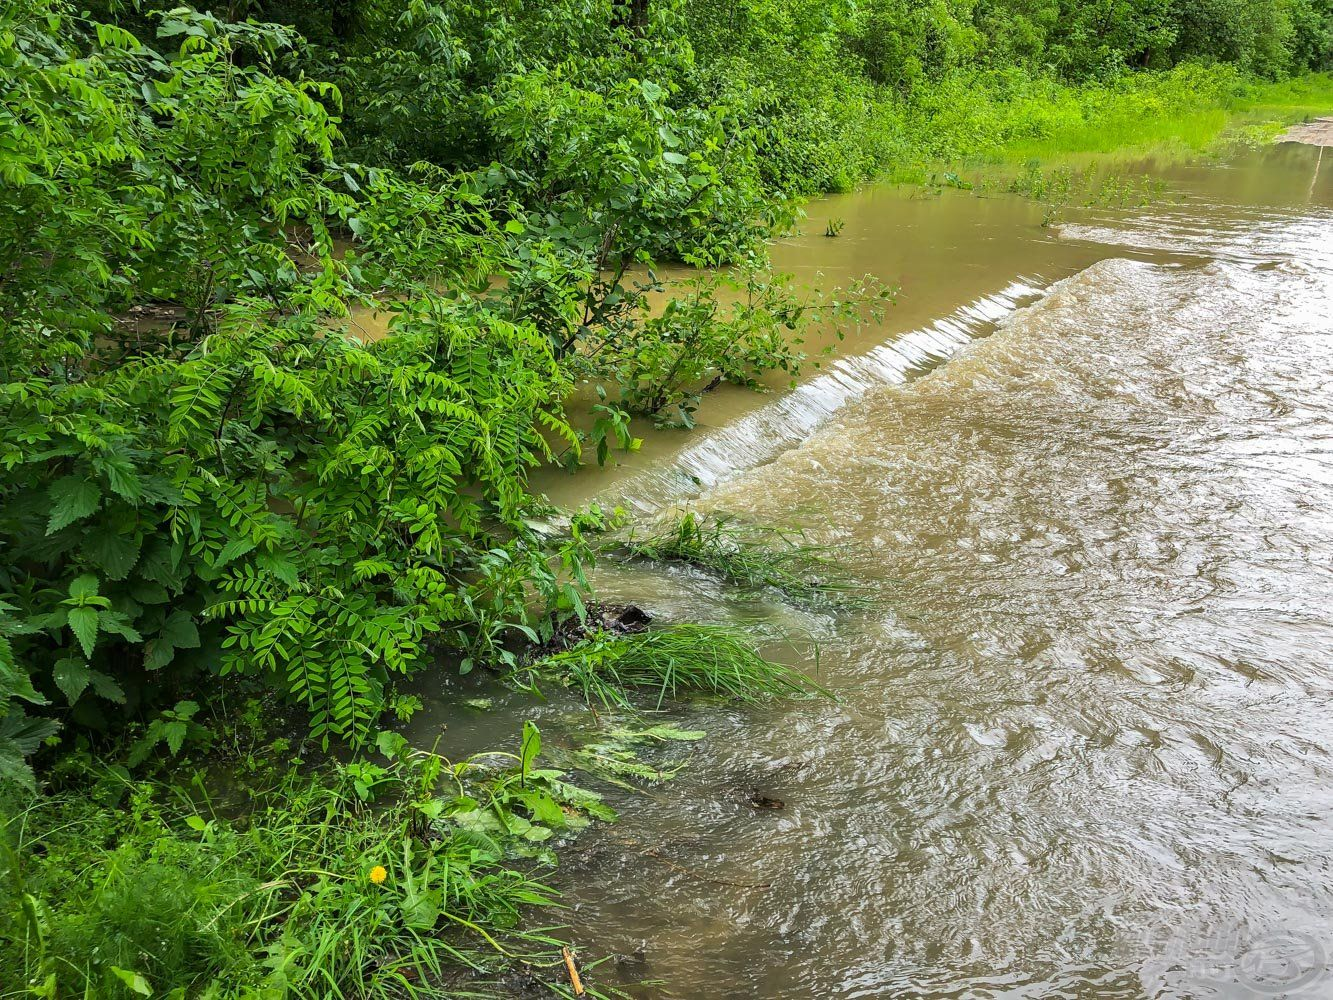 Egyik nap még csak az ártéri mélyebb szakaszokon ömlött a víz, ahogy feljött 2 métert…